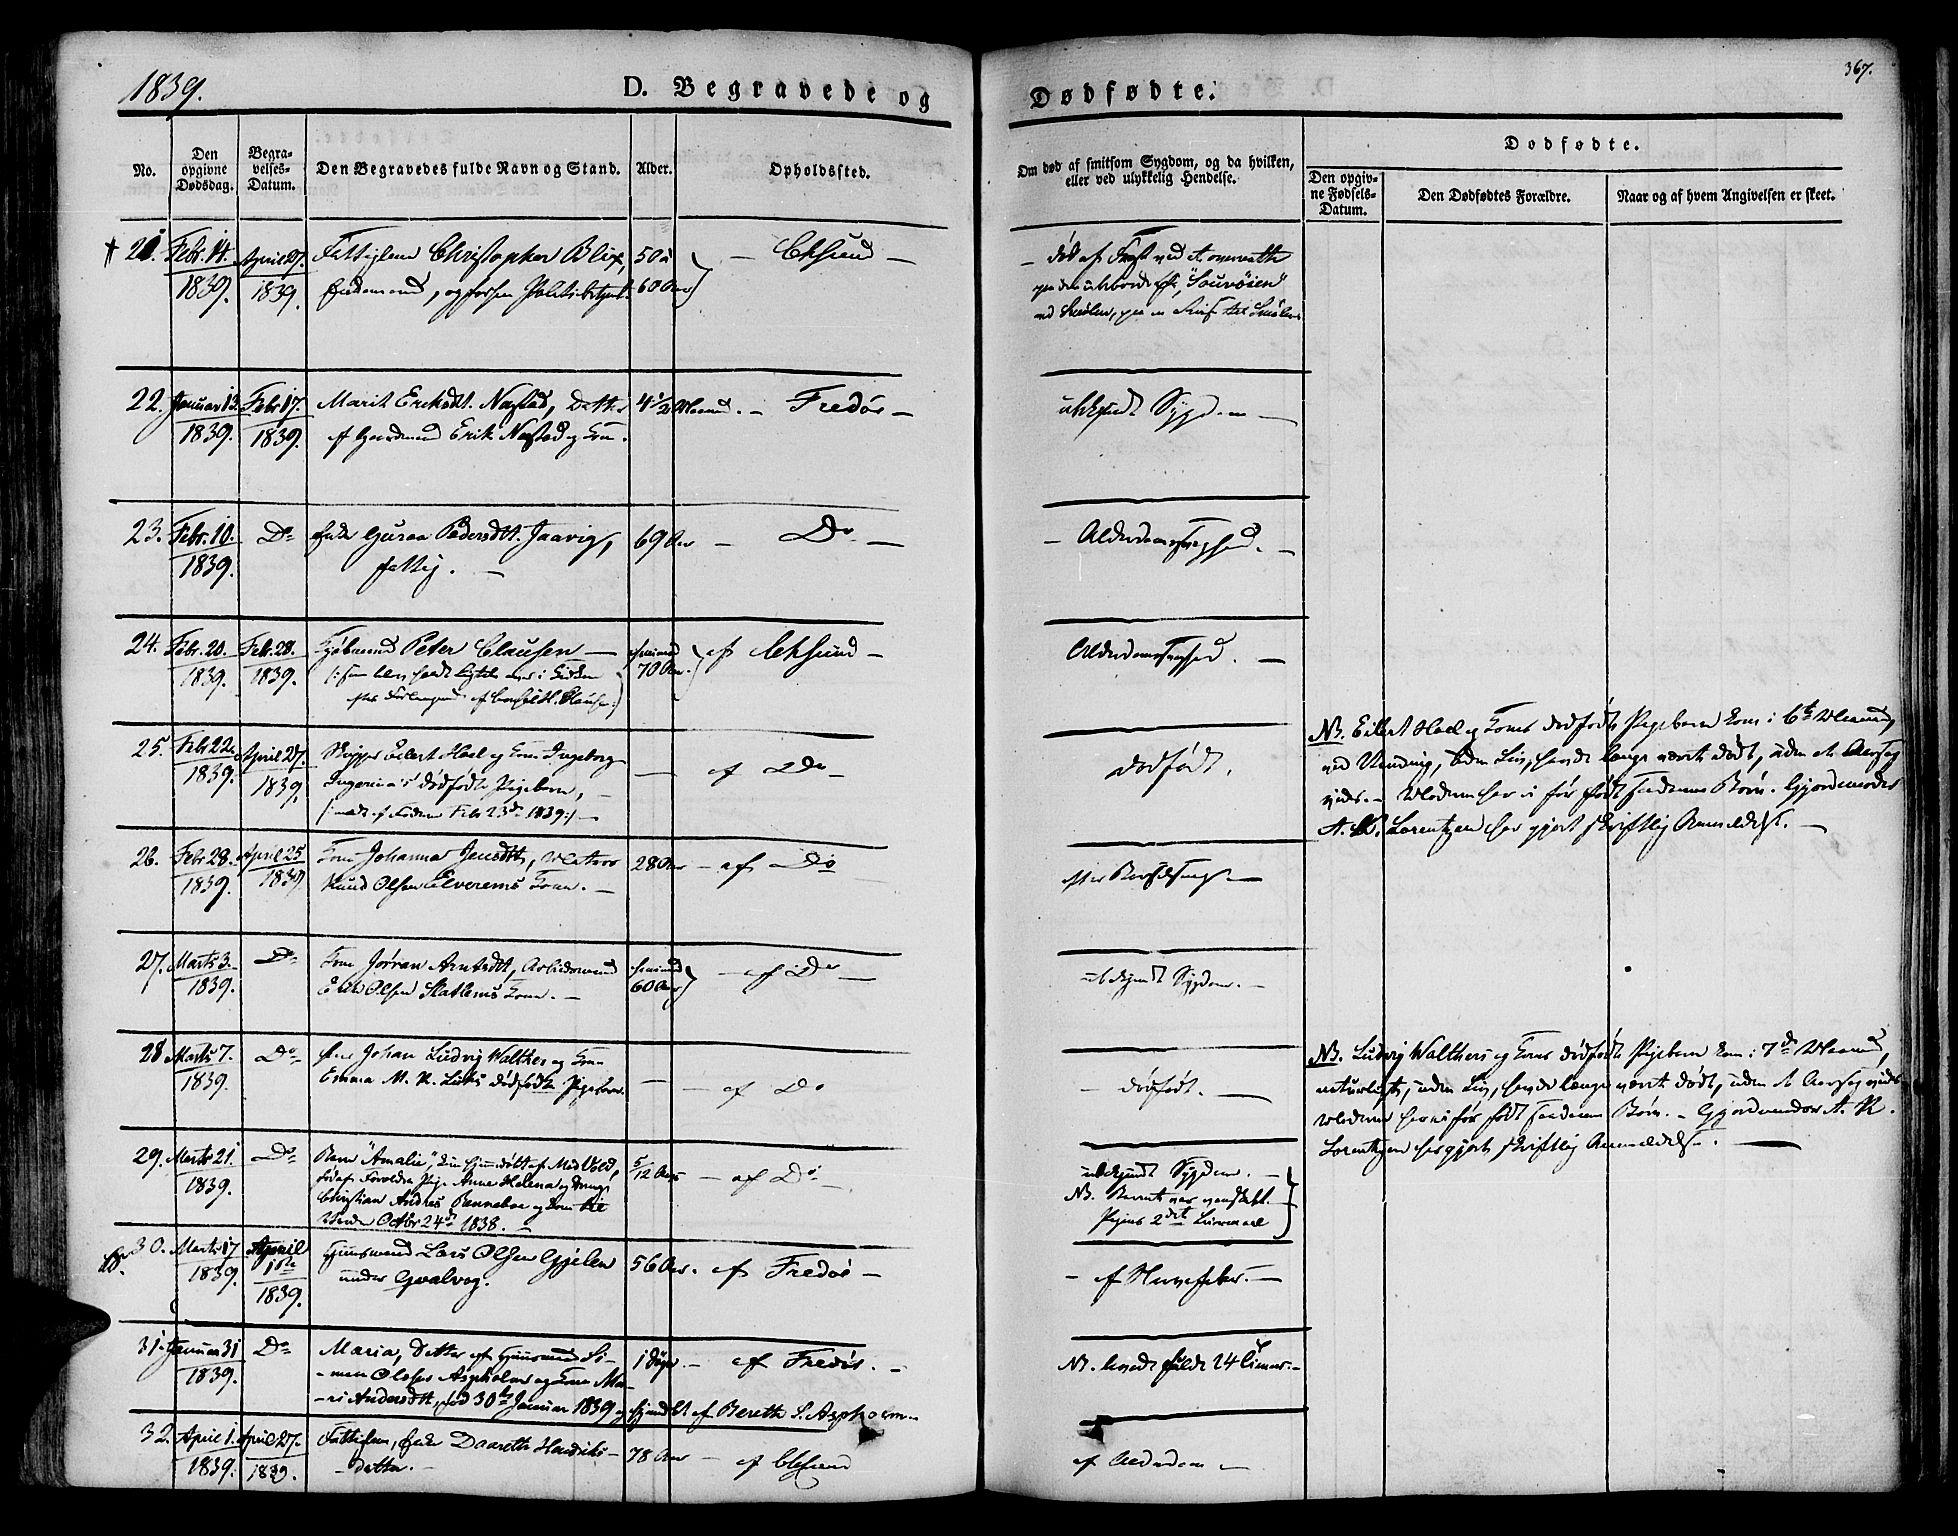 SAT, Ministerialprotokoller, klokkerbøker og fødselsregistre - Møre og Romsdal, 572/L0843: Ministerialbok nr. 572A06, 1832-1842, s. 367